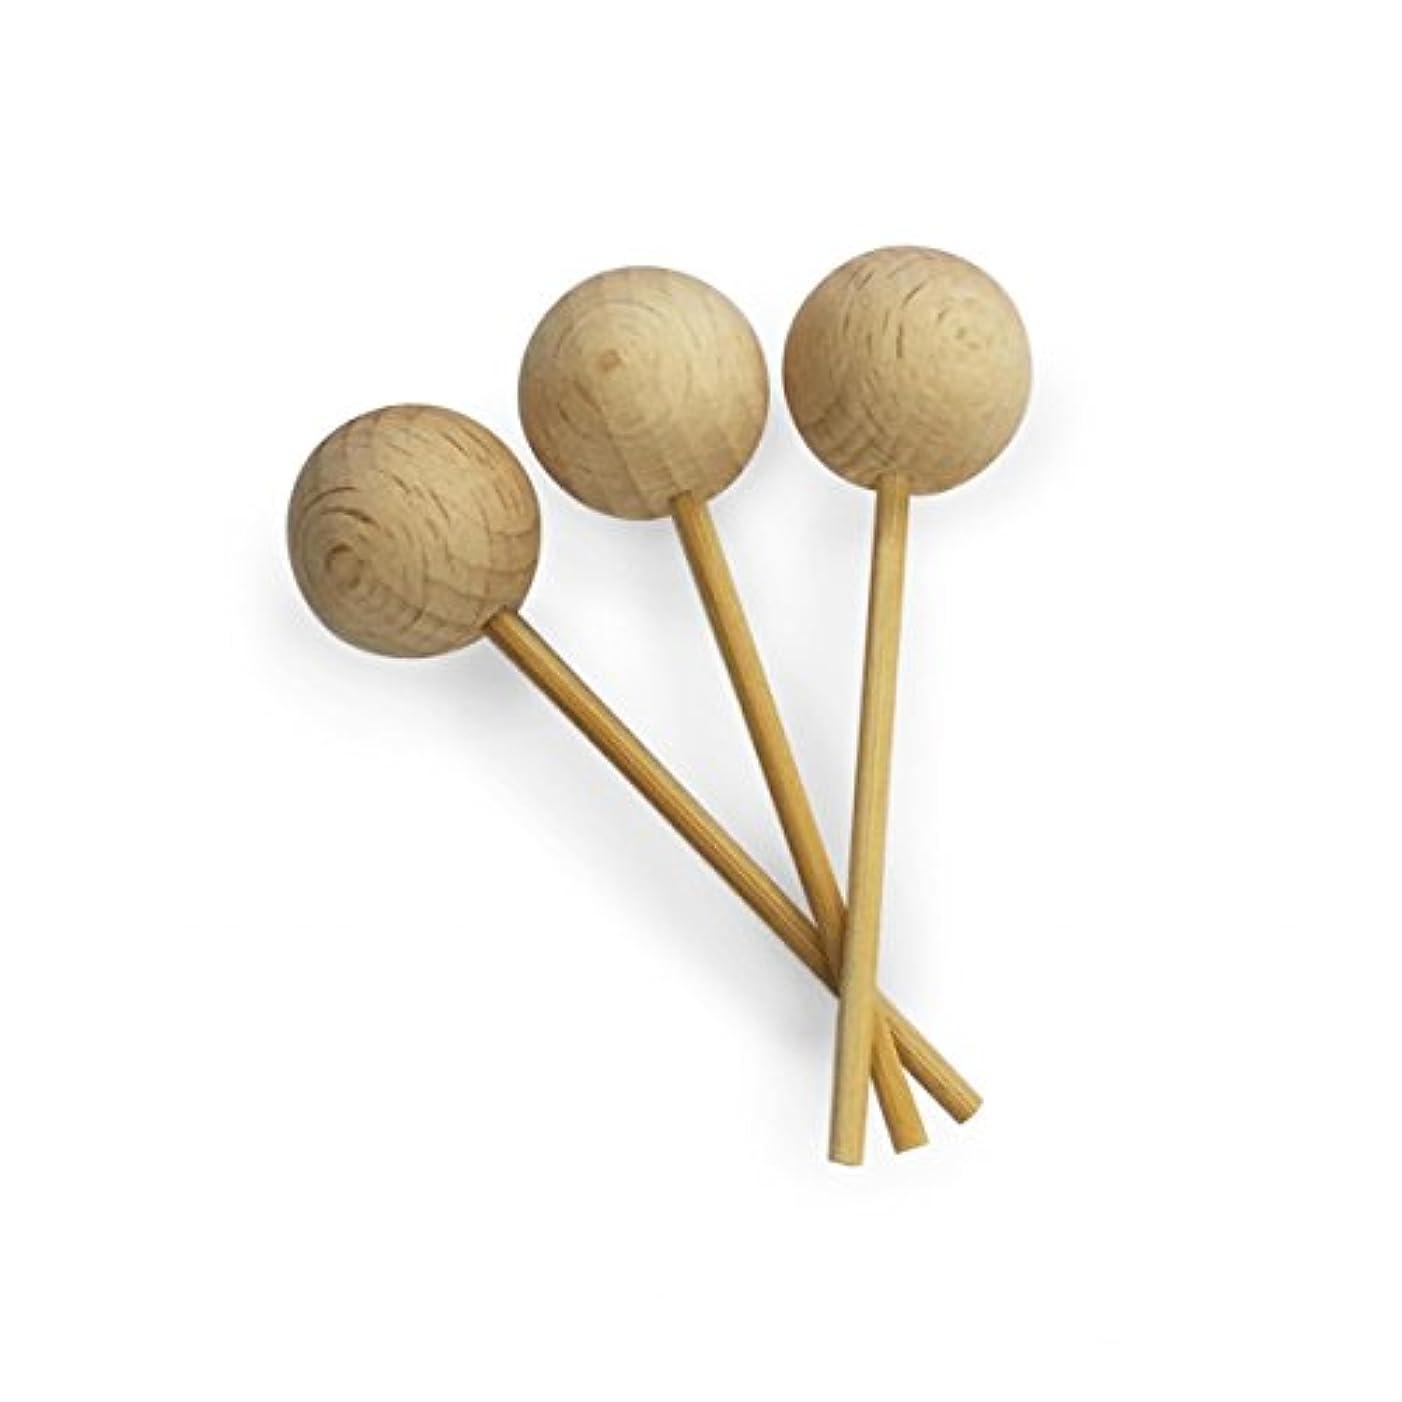 振り子振り子毒カリス成城 アロマ芳香器 木のお家 交換用木製スティック3本入